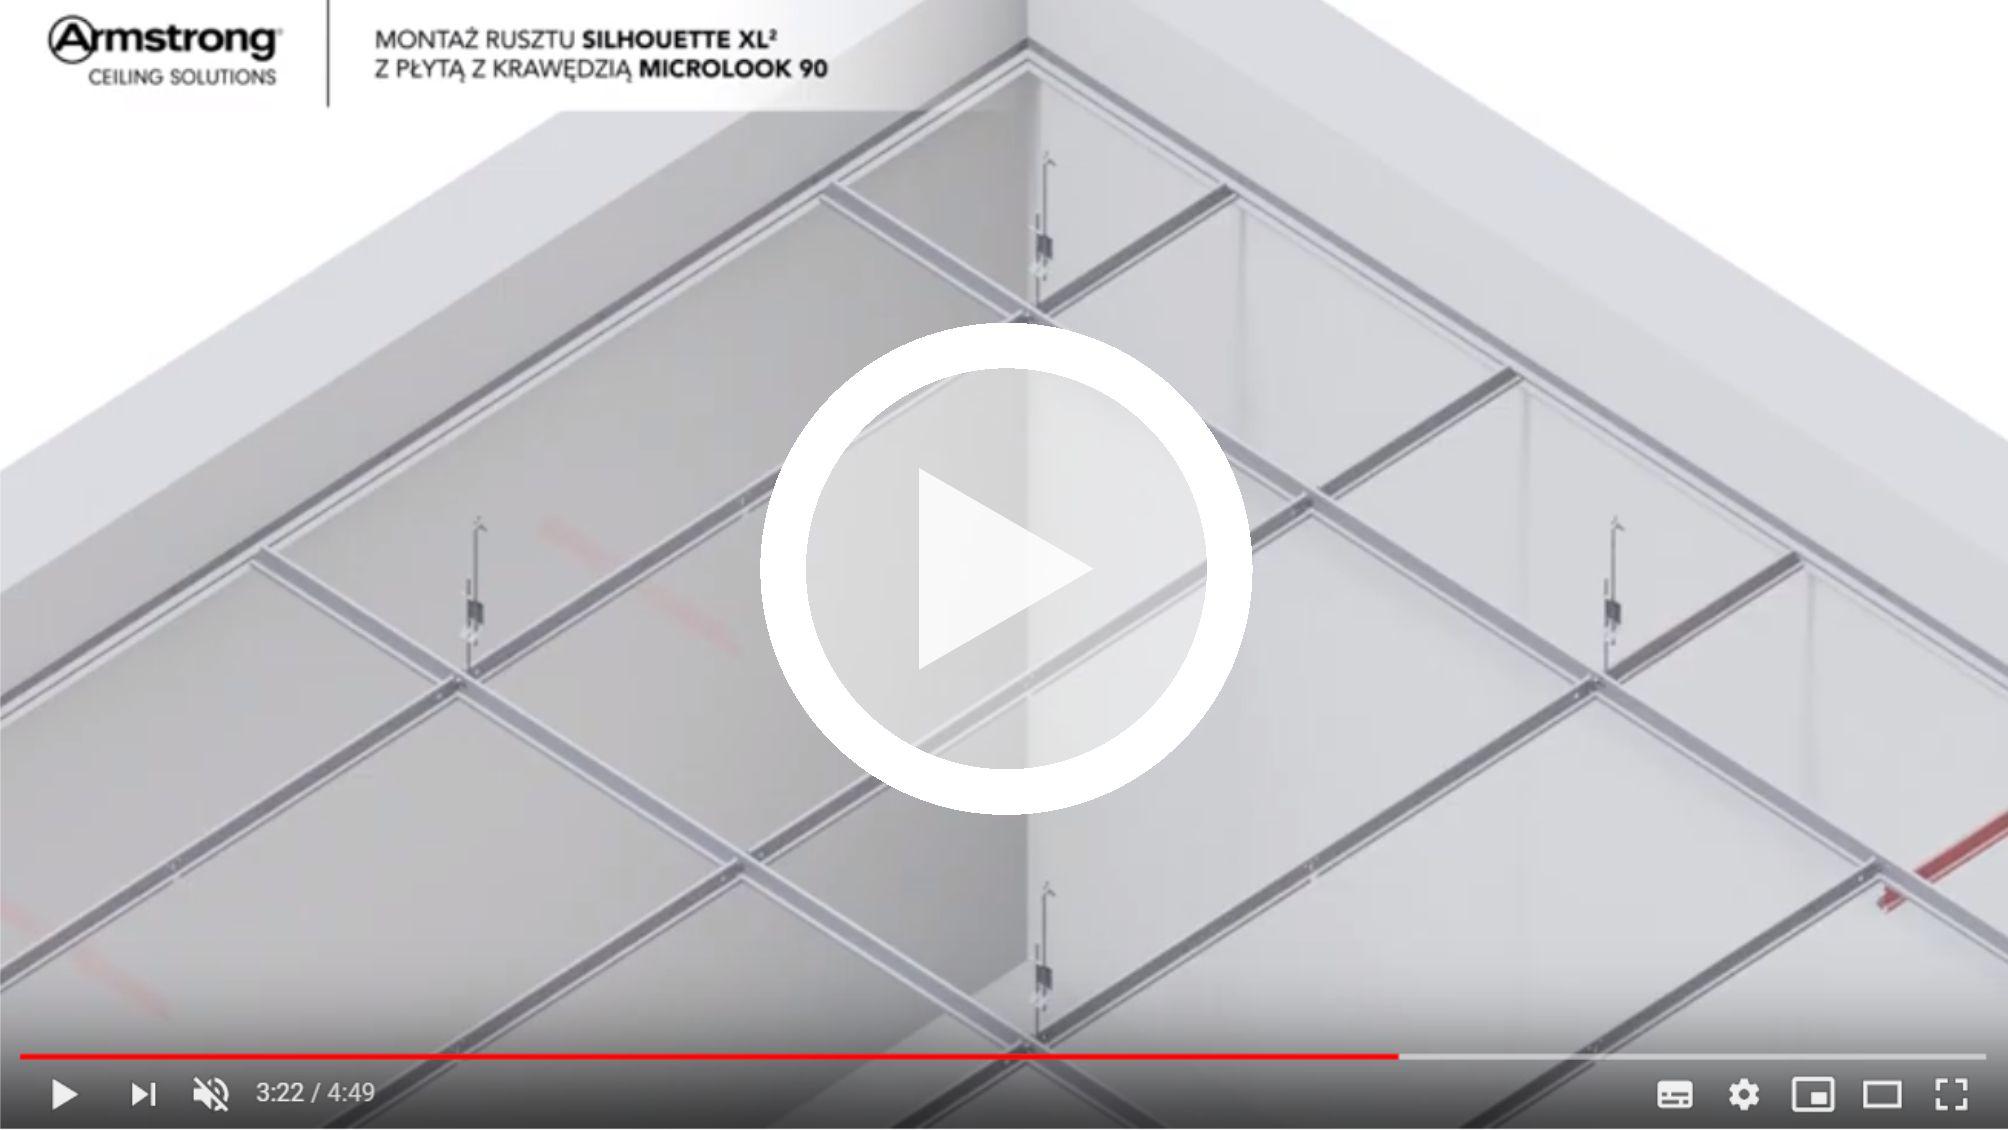 sufit-podwieszany-montaz-ruszt-dekoracyjny-silhouette-xl2-plyty-montowane-od-gory-armstrong